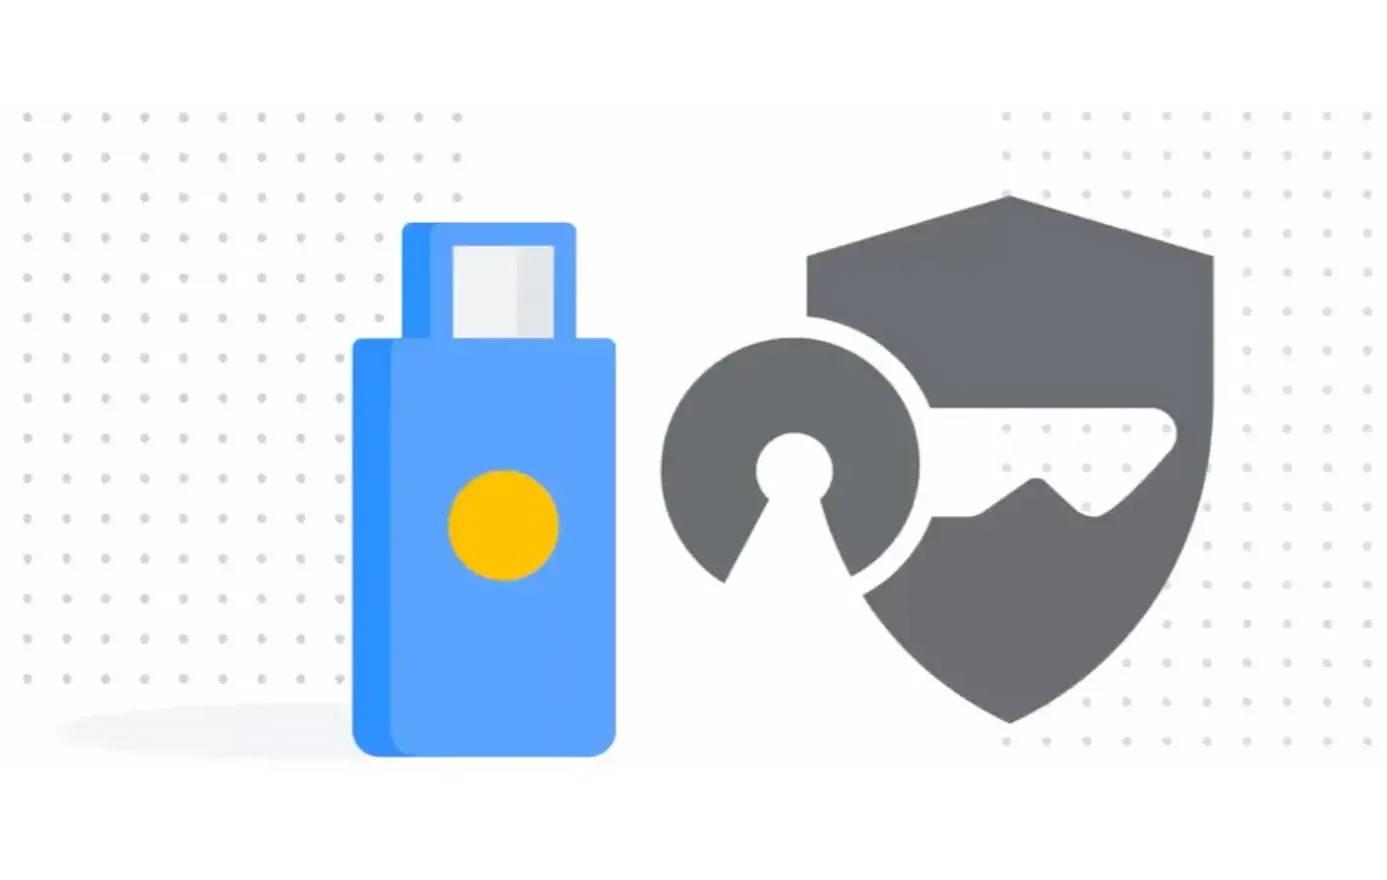 Google's OpenSK